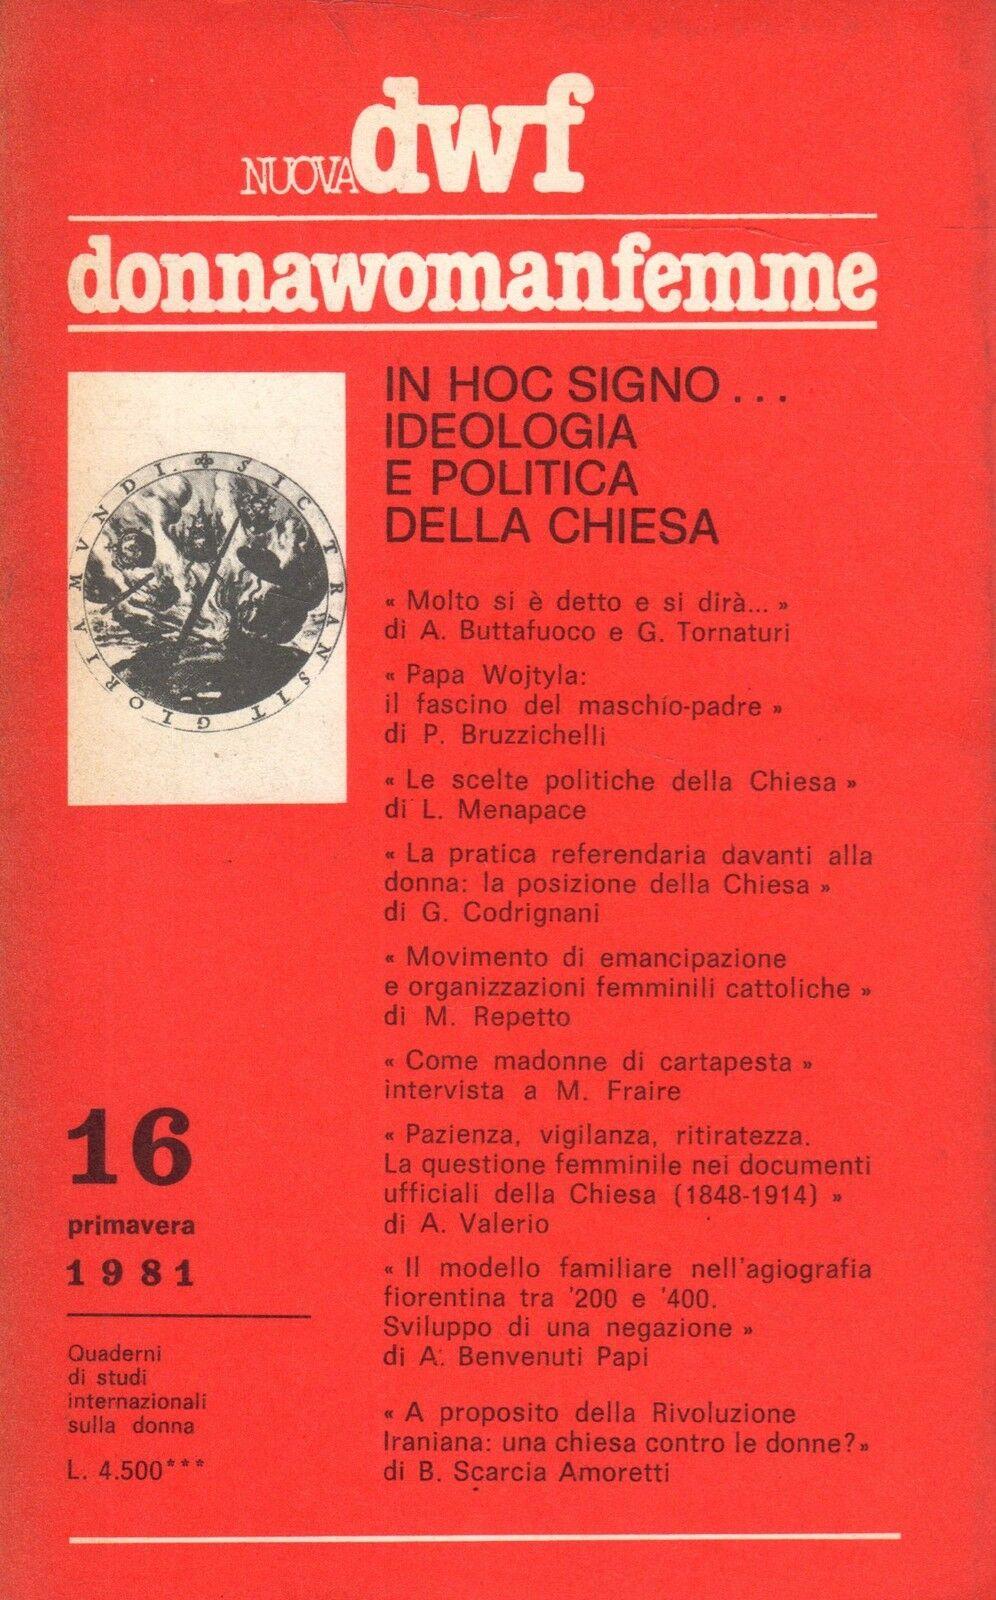 IN HOC SIGNO… Ideologia e politica della Chiesa, Nuova DWF (16) 1981